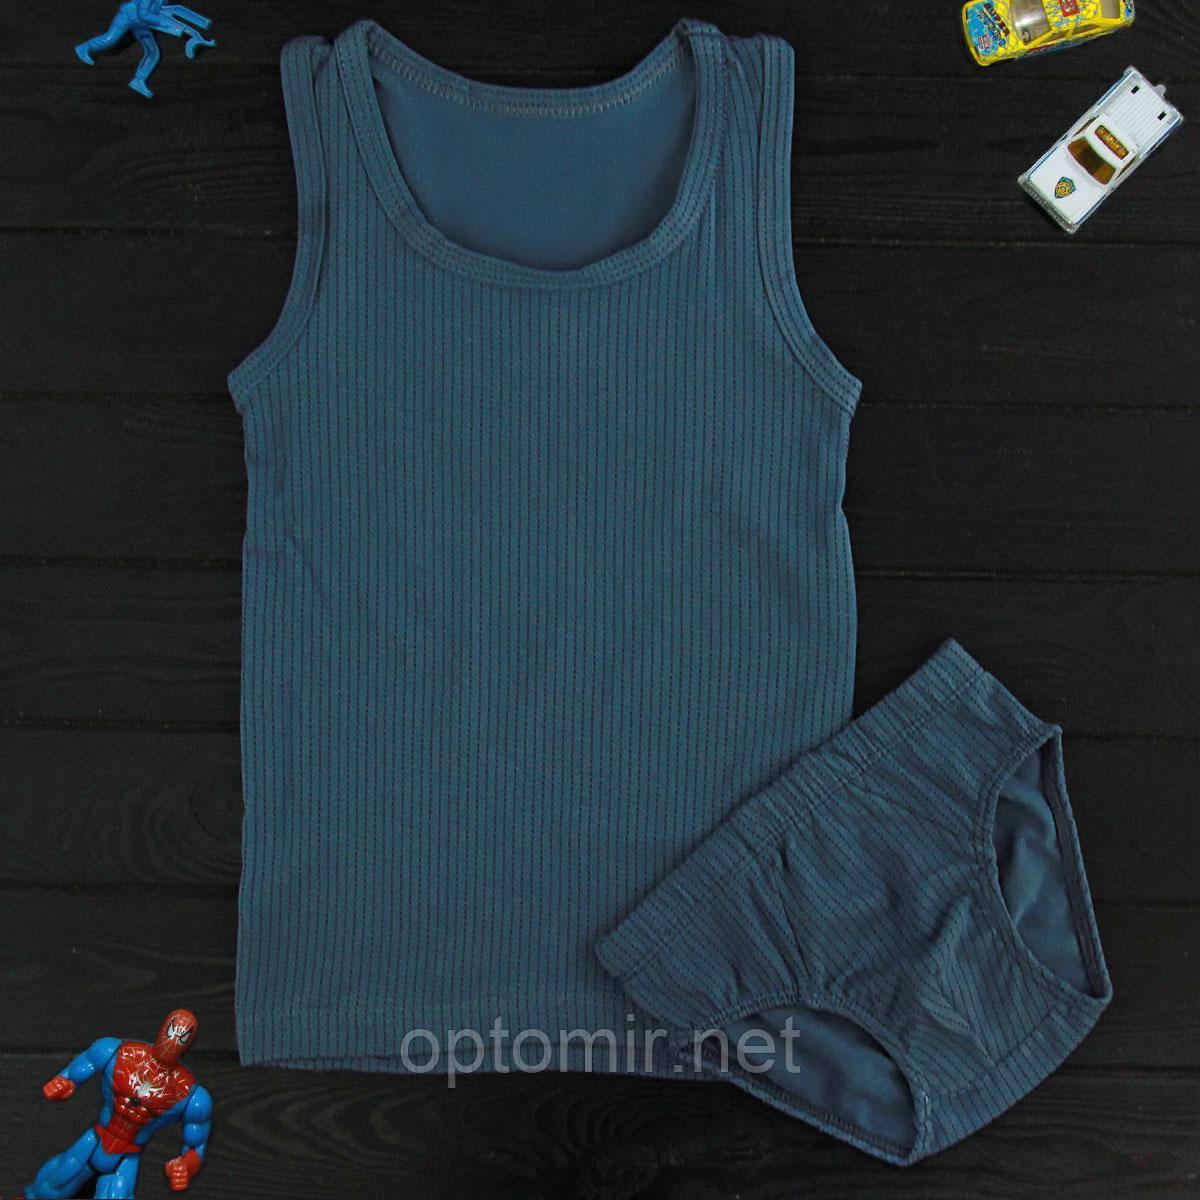 Комплект дитячий Donella темно-бірюзовий для хлопчика на 2/3 року | 1 шт.